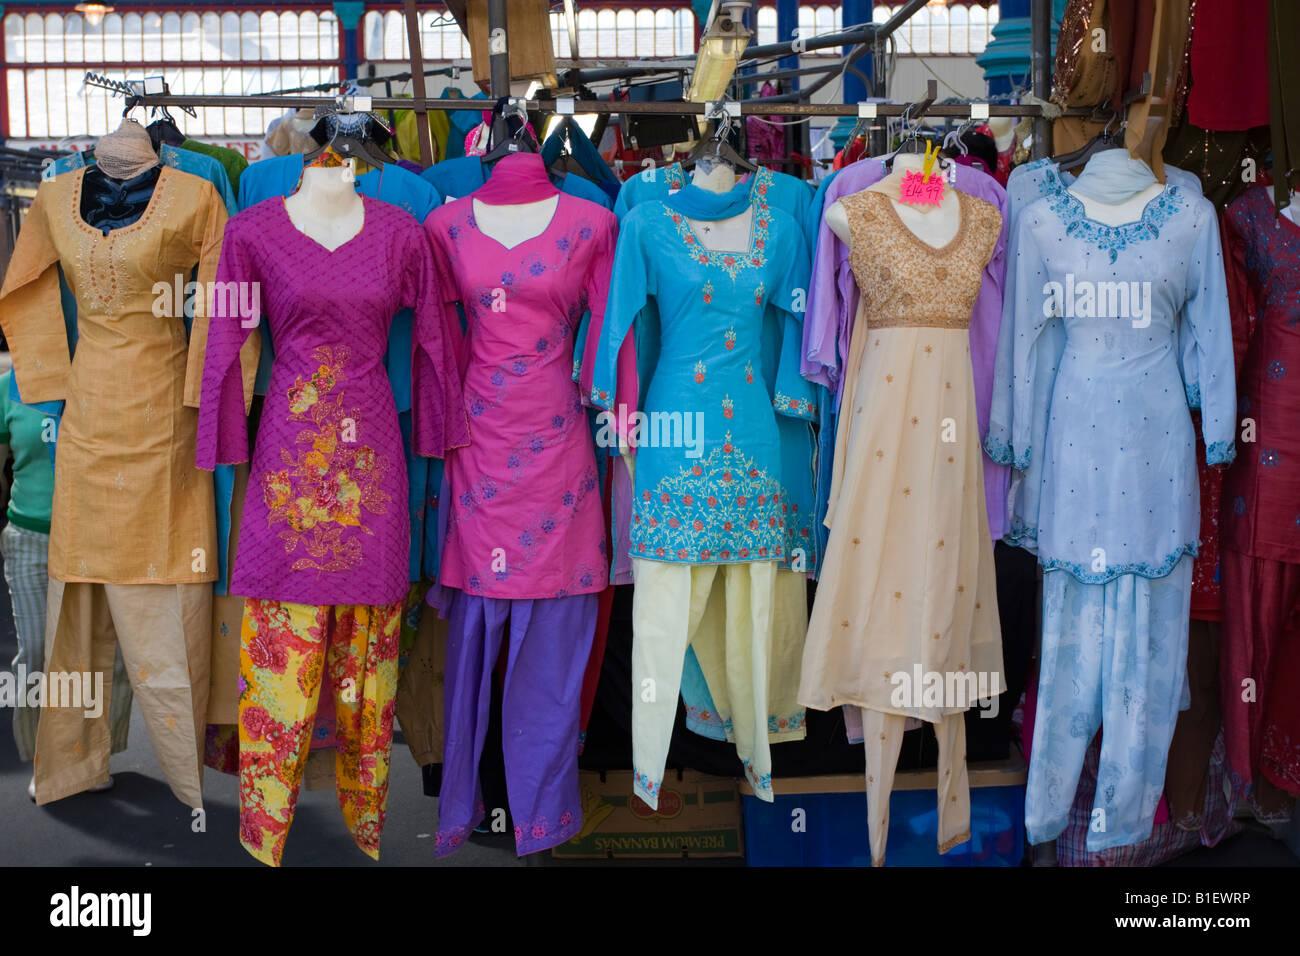 finest selection 7e198 d0a7c Seta indiana e abiti di cotone per la vendita sul mercato di ...